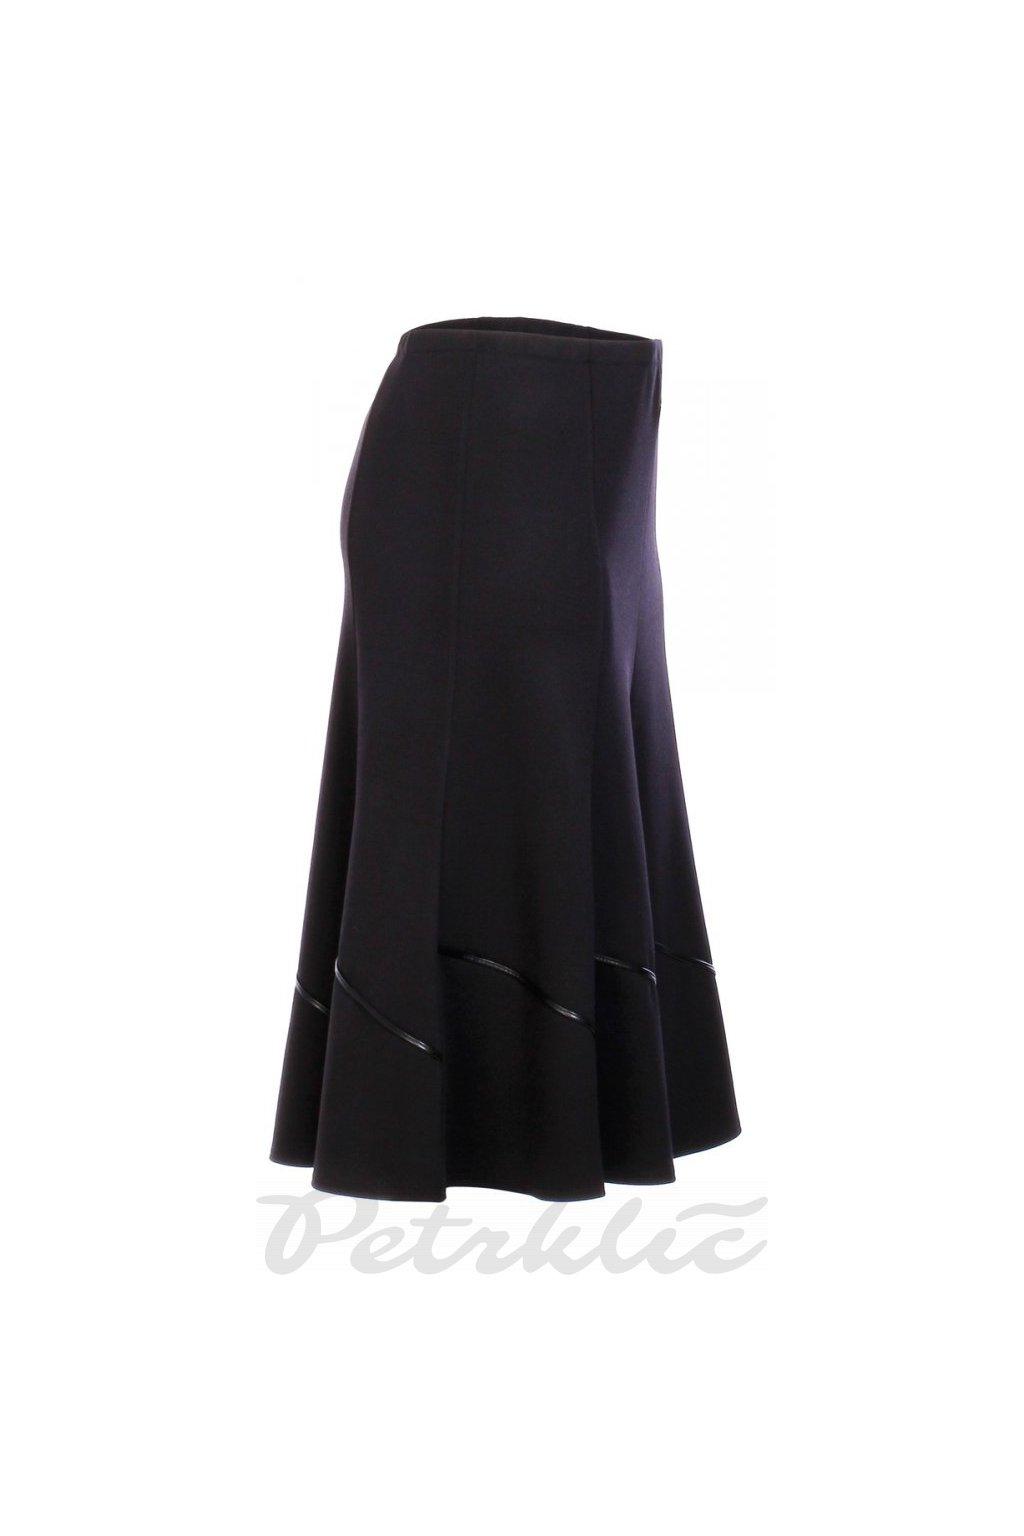 ALENA - osmidílová teplá sukně 2 délky